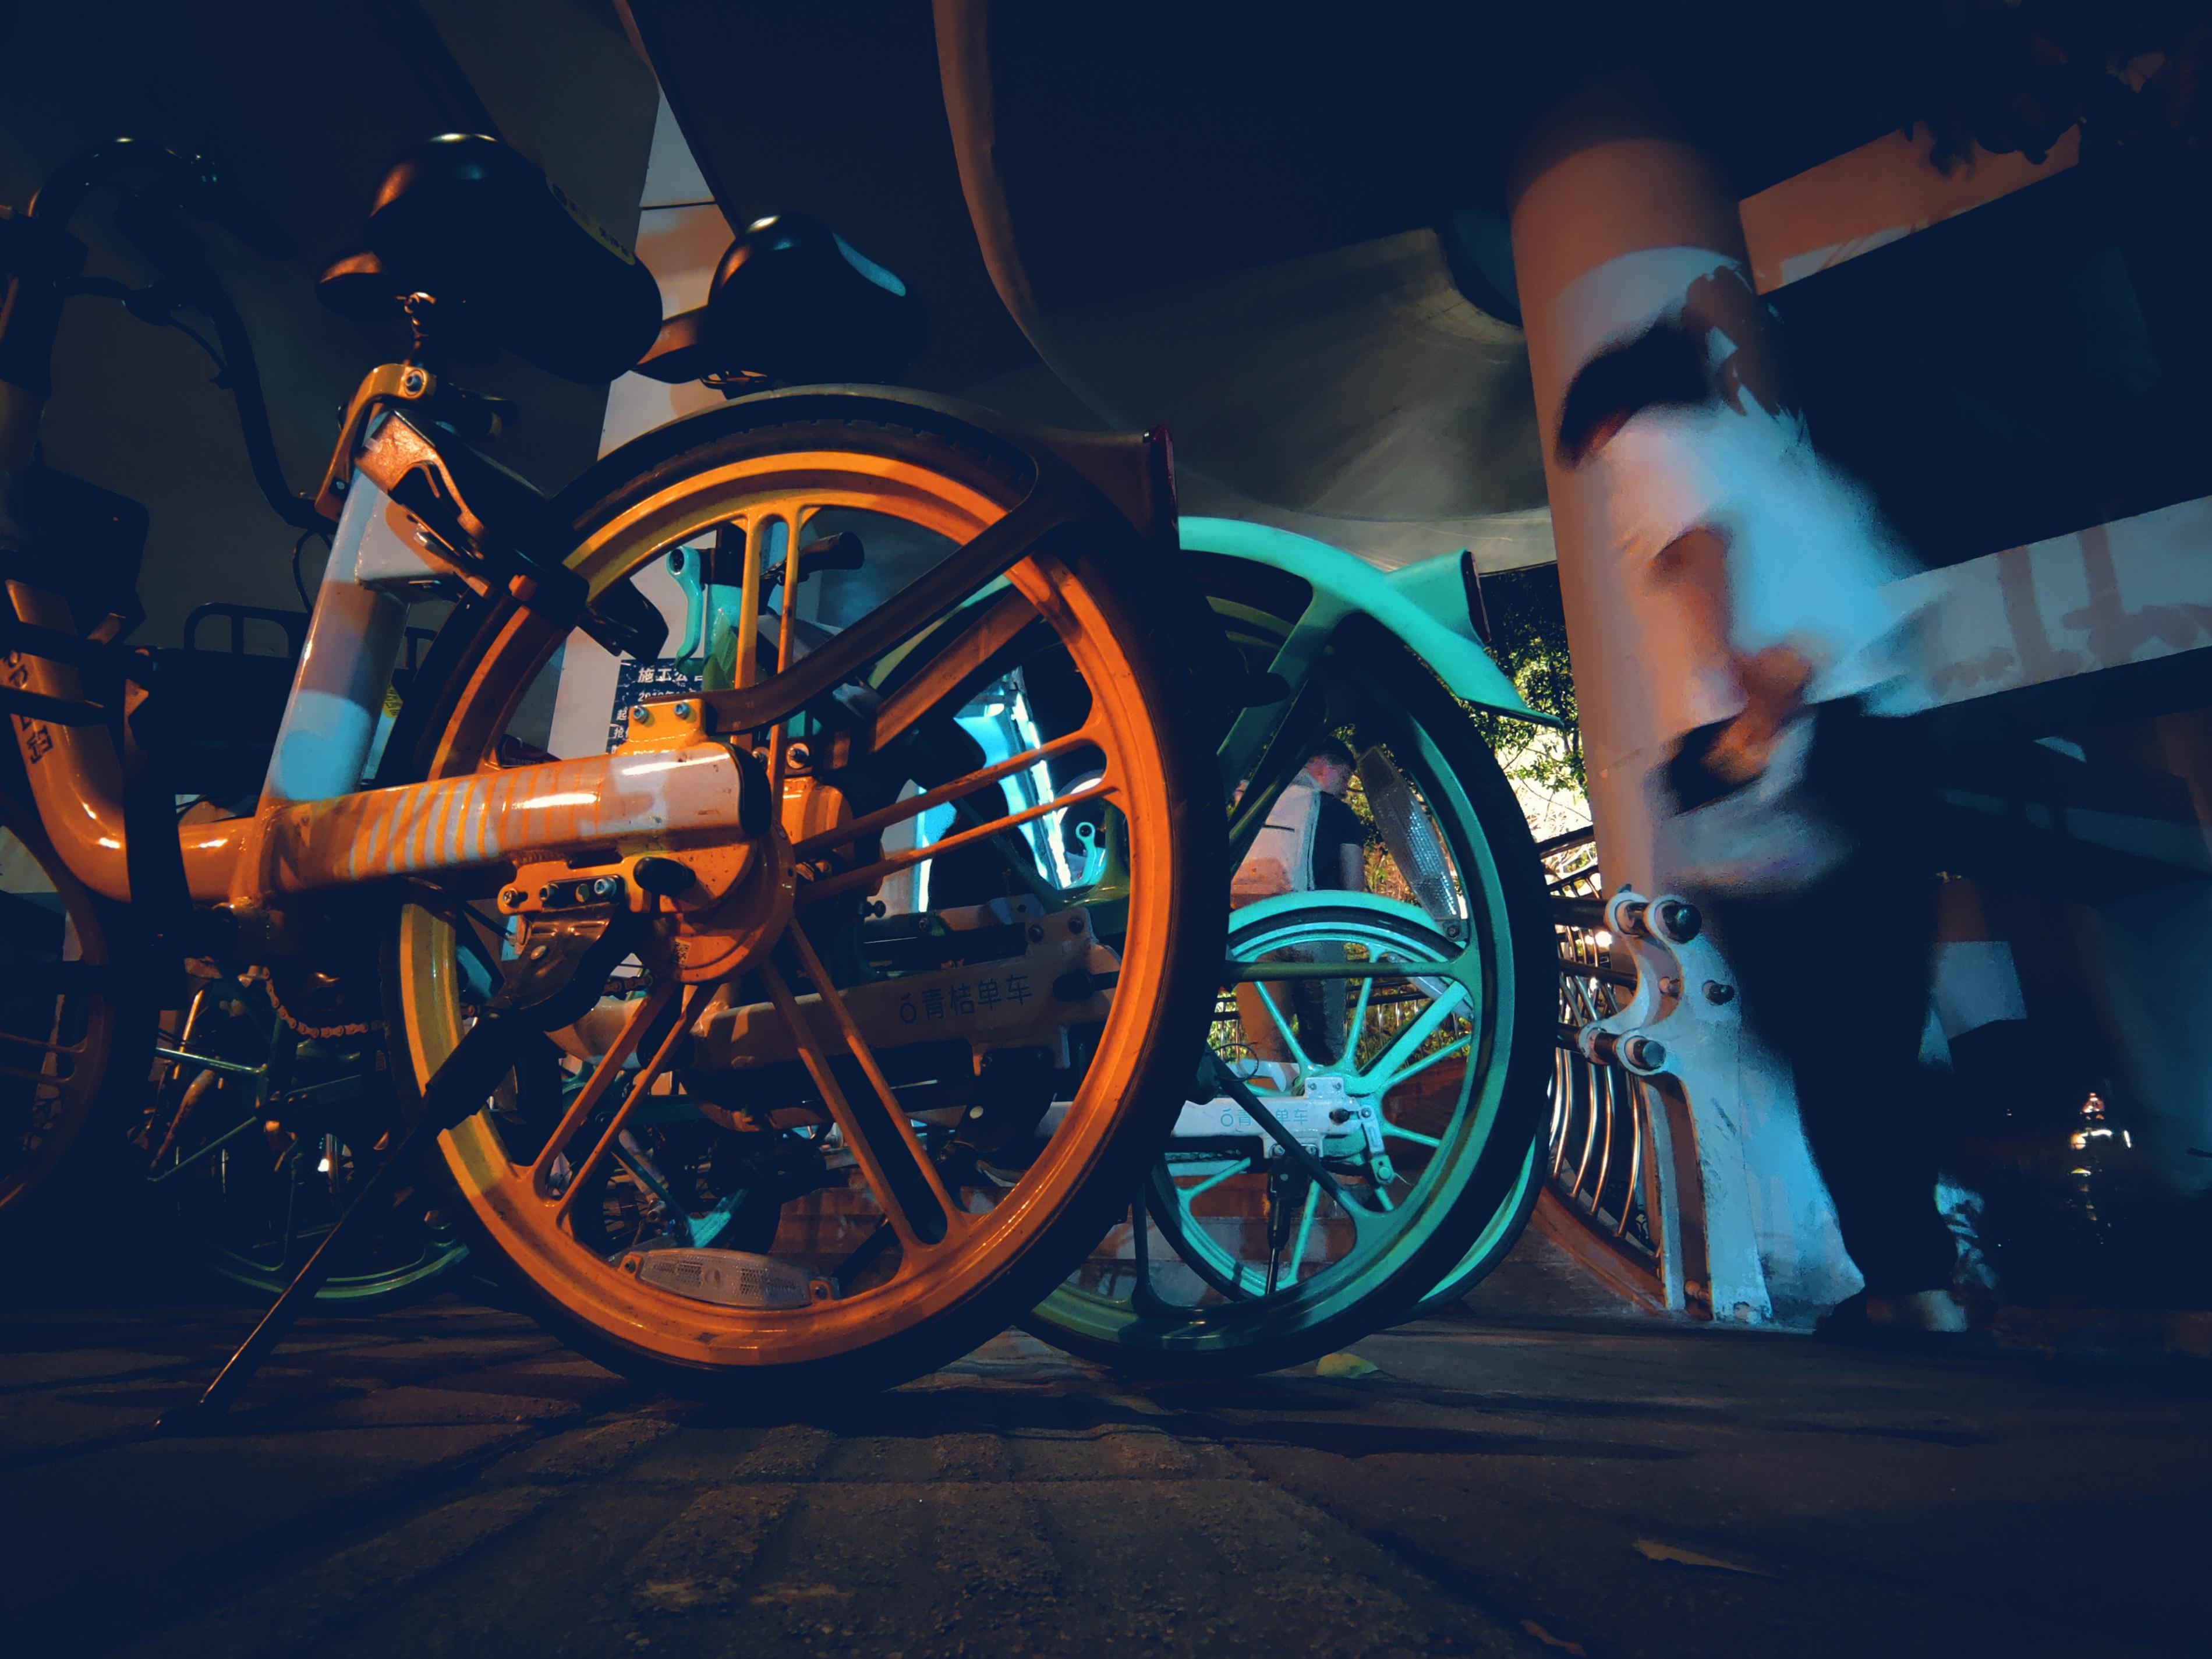 赛博自行车.jpg